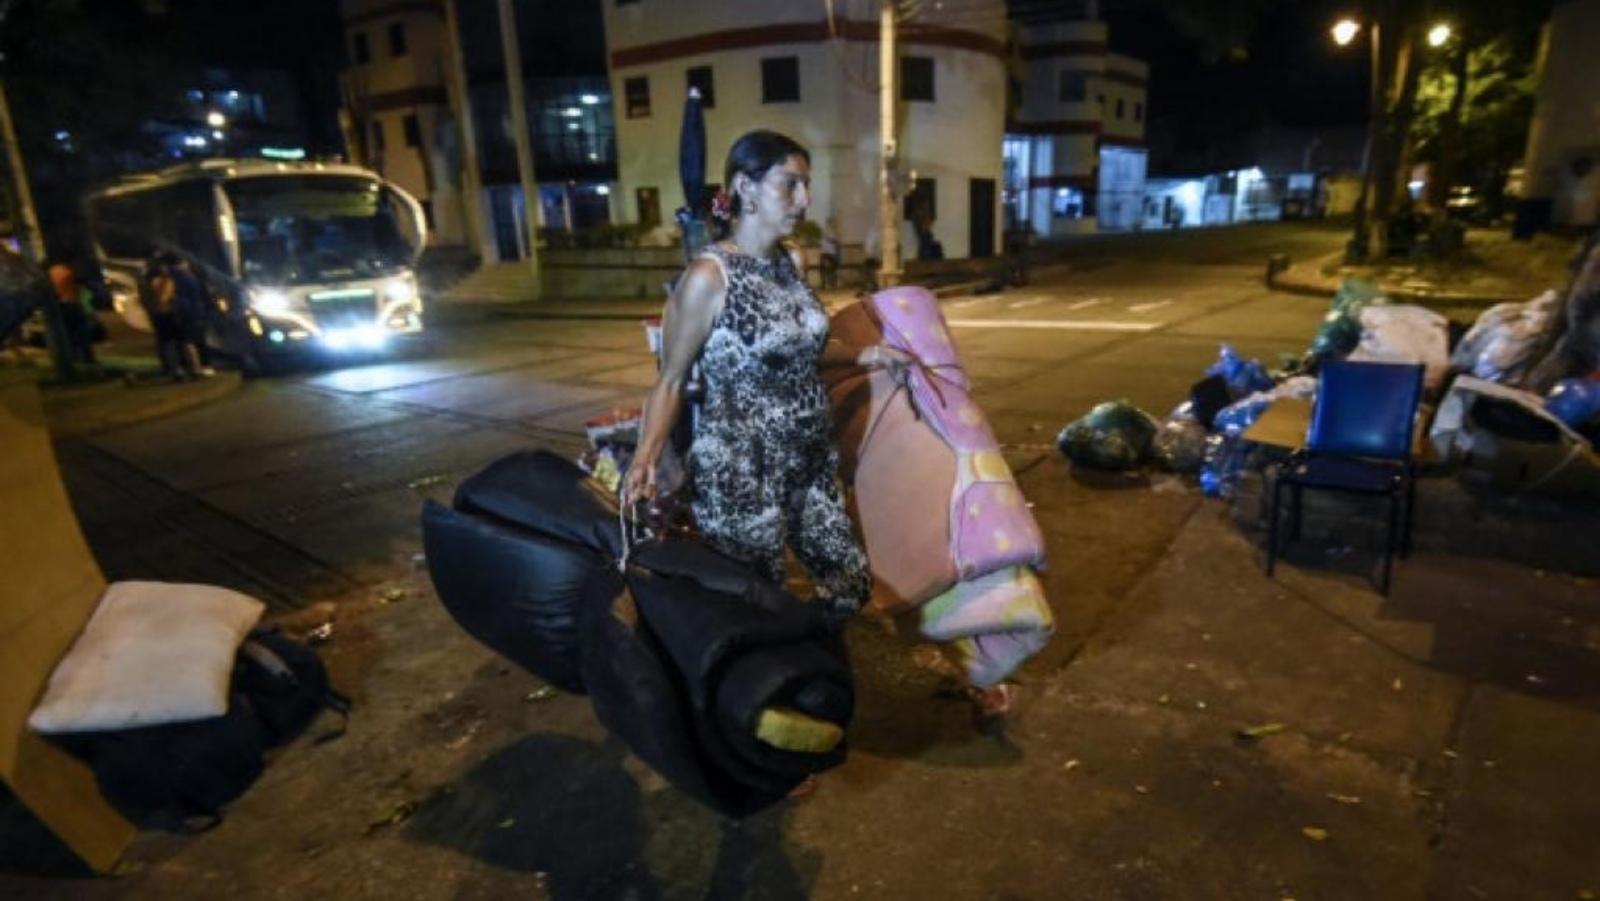 Parques dormitorio, la opción de venezolanos sin casa en Colombia